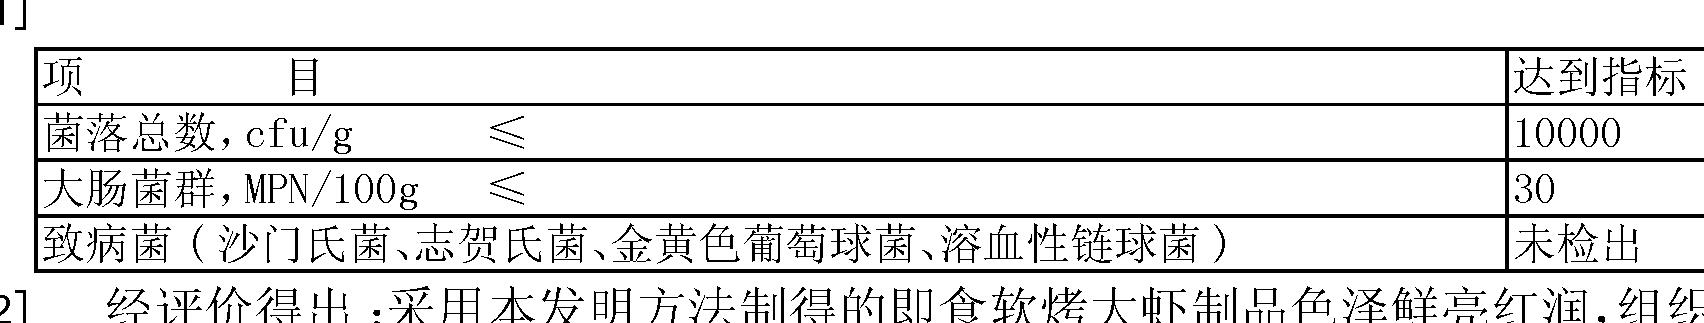 Figure CN102948826BD00082